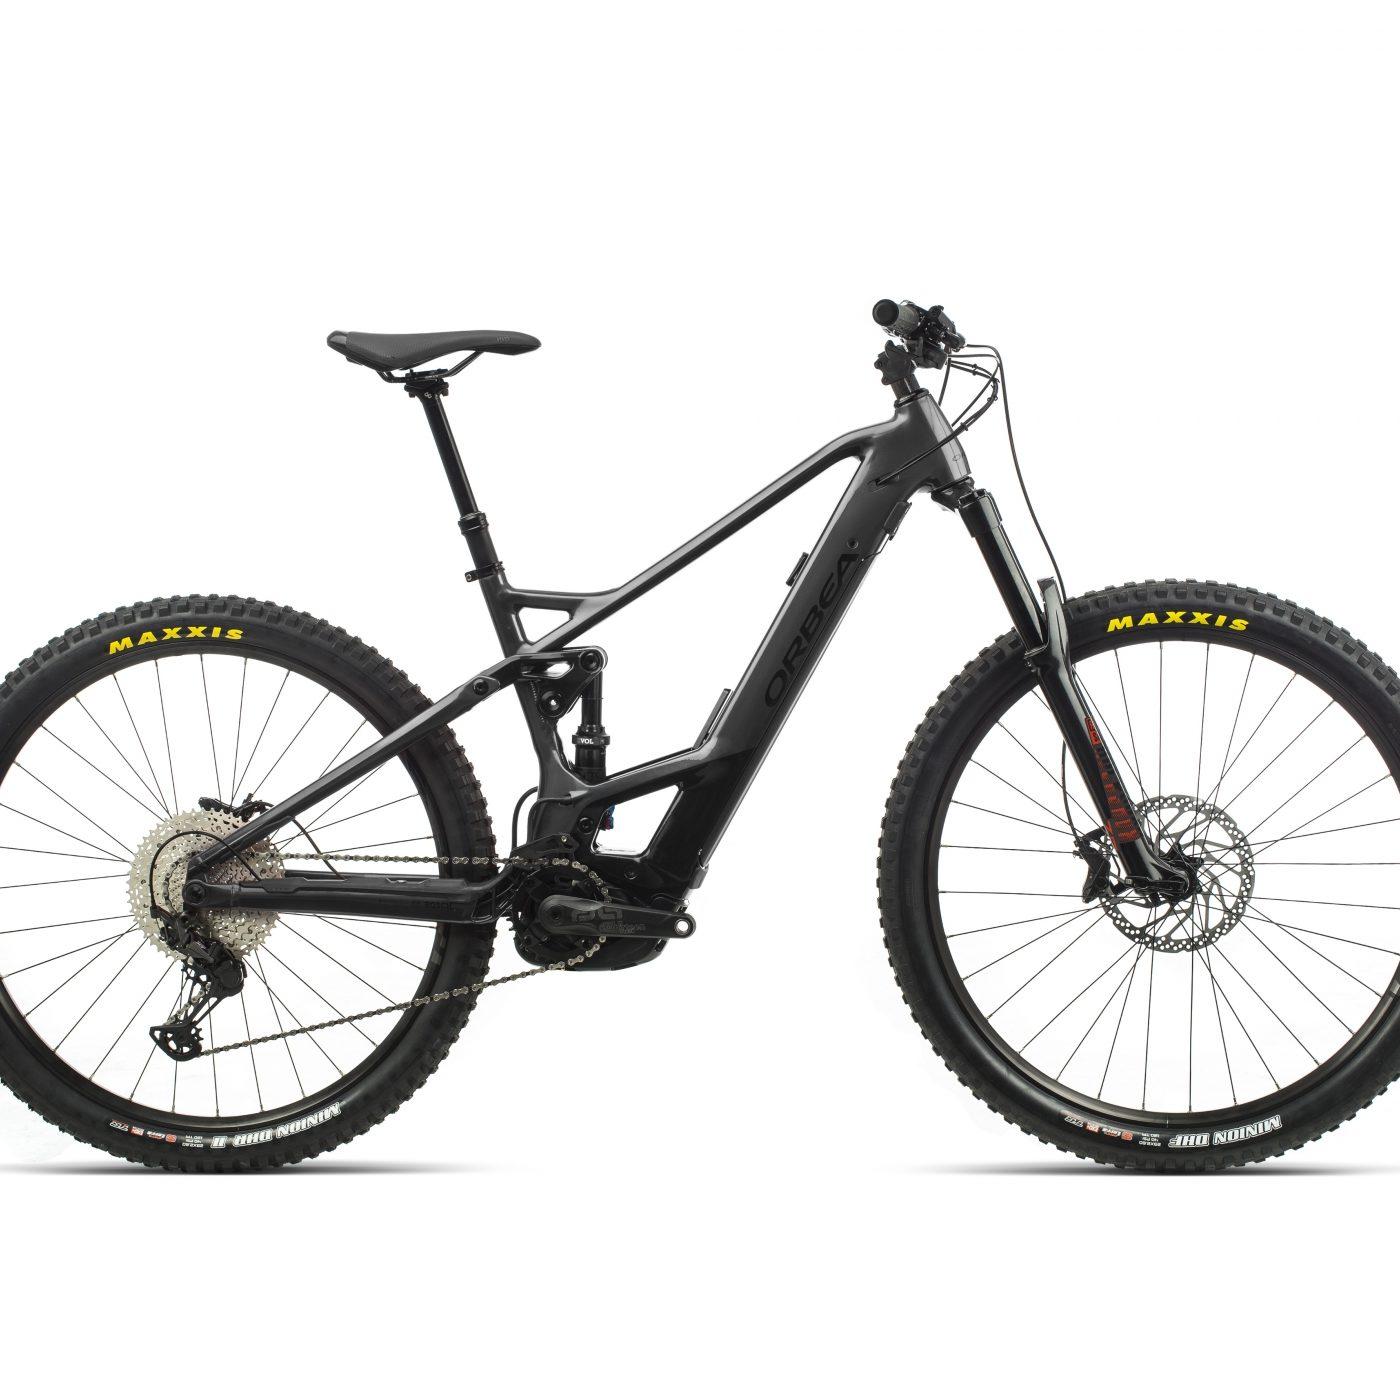 ORBEA WILD FS H20 eBike - GRAFIET / ZWART (GLOSS) @G-Bikes